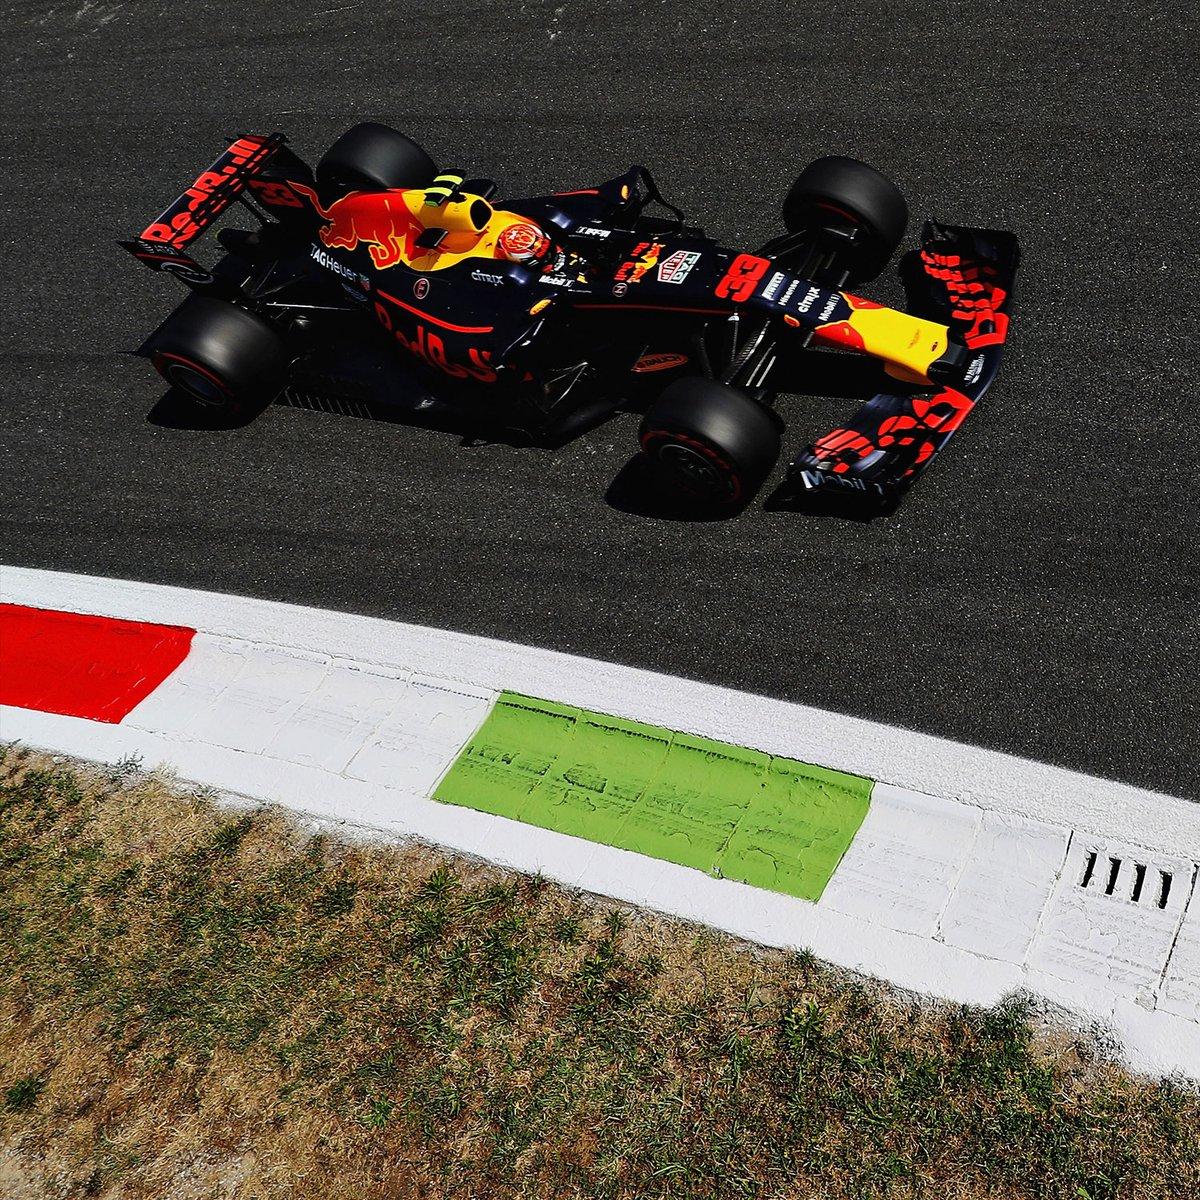 Guida al GP d'Italia con Red Bull e Toro Rosso